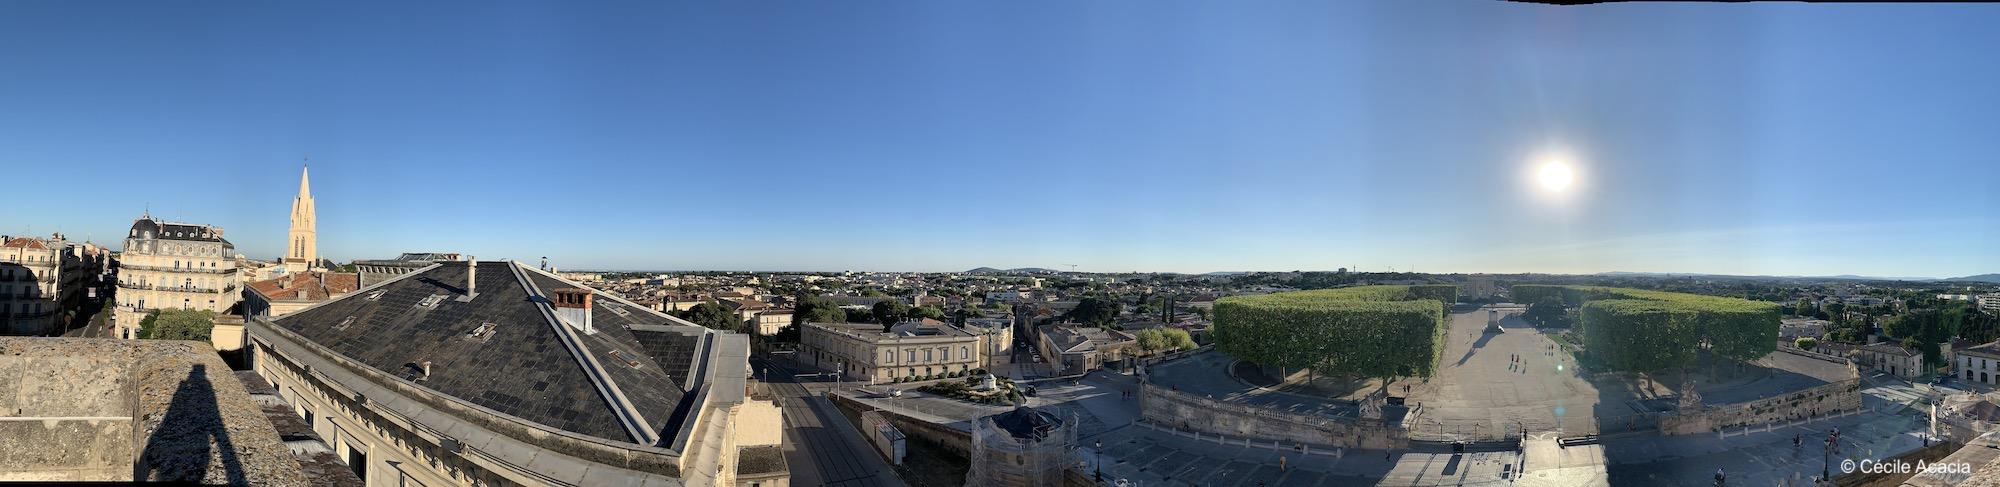 vue panoramique de Montpellier depuis l'arc de triomphe